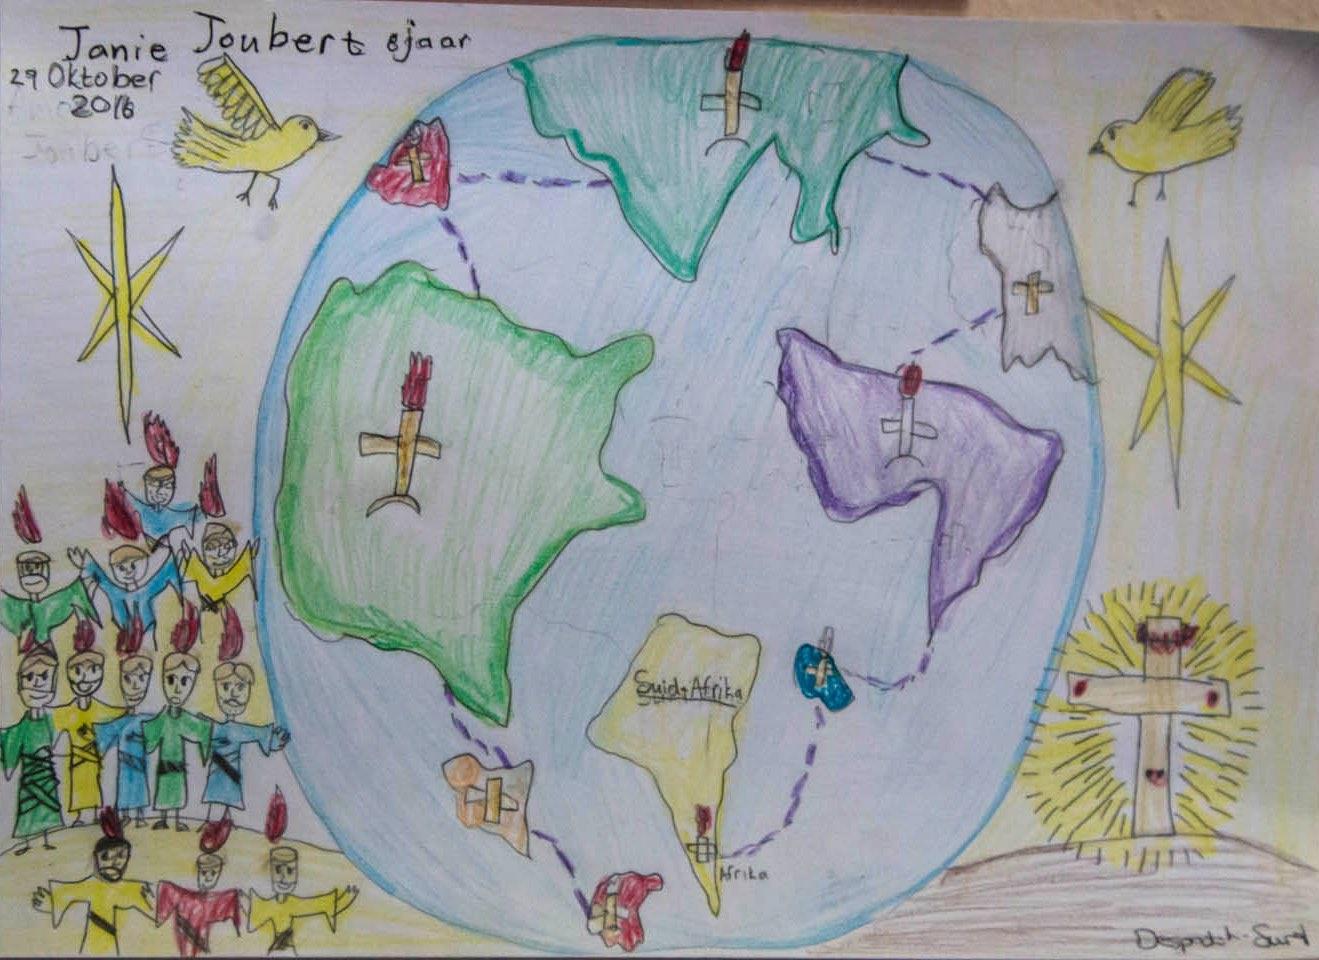 Janie Joubert (8) van Despatch se interpretasie van Handelinge 1:8.